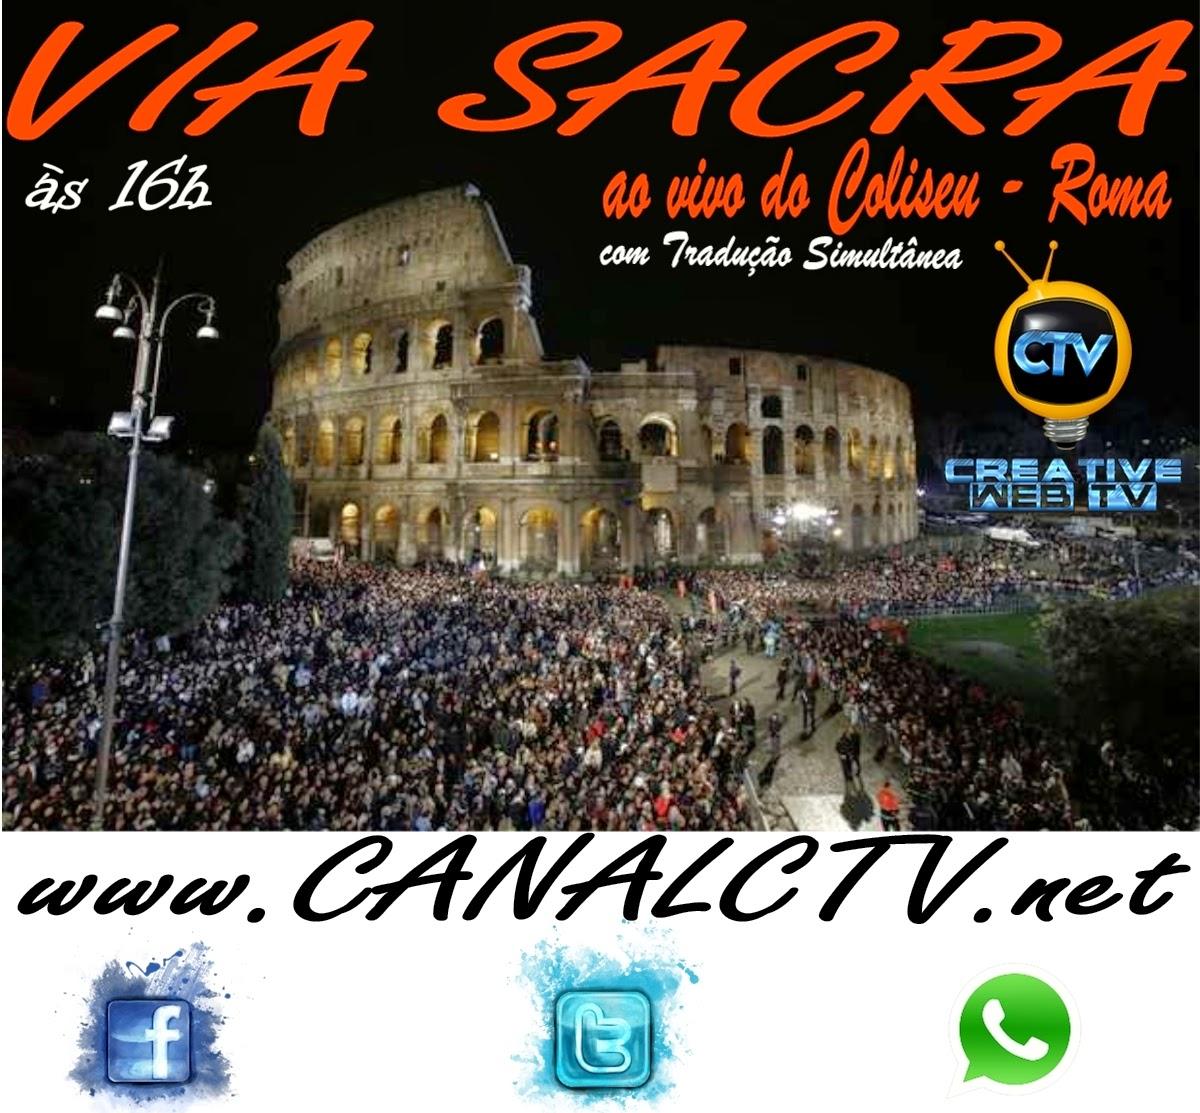 Creative Tv Transmite A Via Sacra Ao Vivo De Roma It Lia As 16h  -> Sala De Redacao Na Tv Ao Vivo